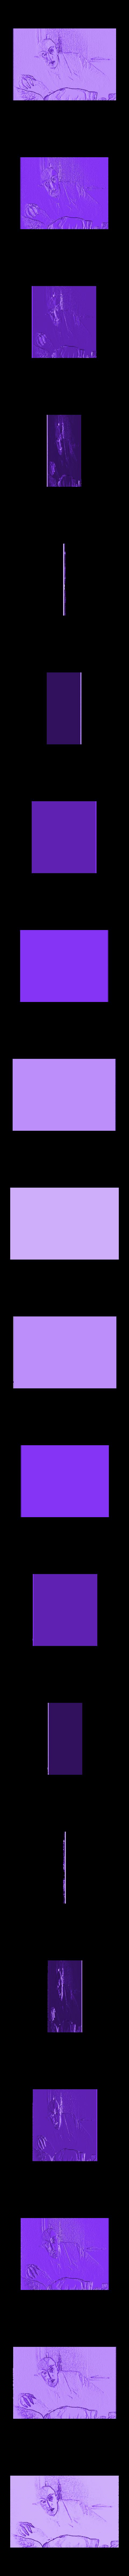 Ffd367b6 6a28 4fec 875b 21bd49d8be58